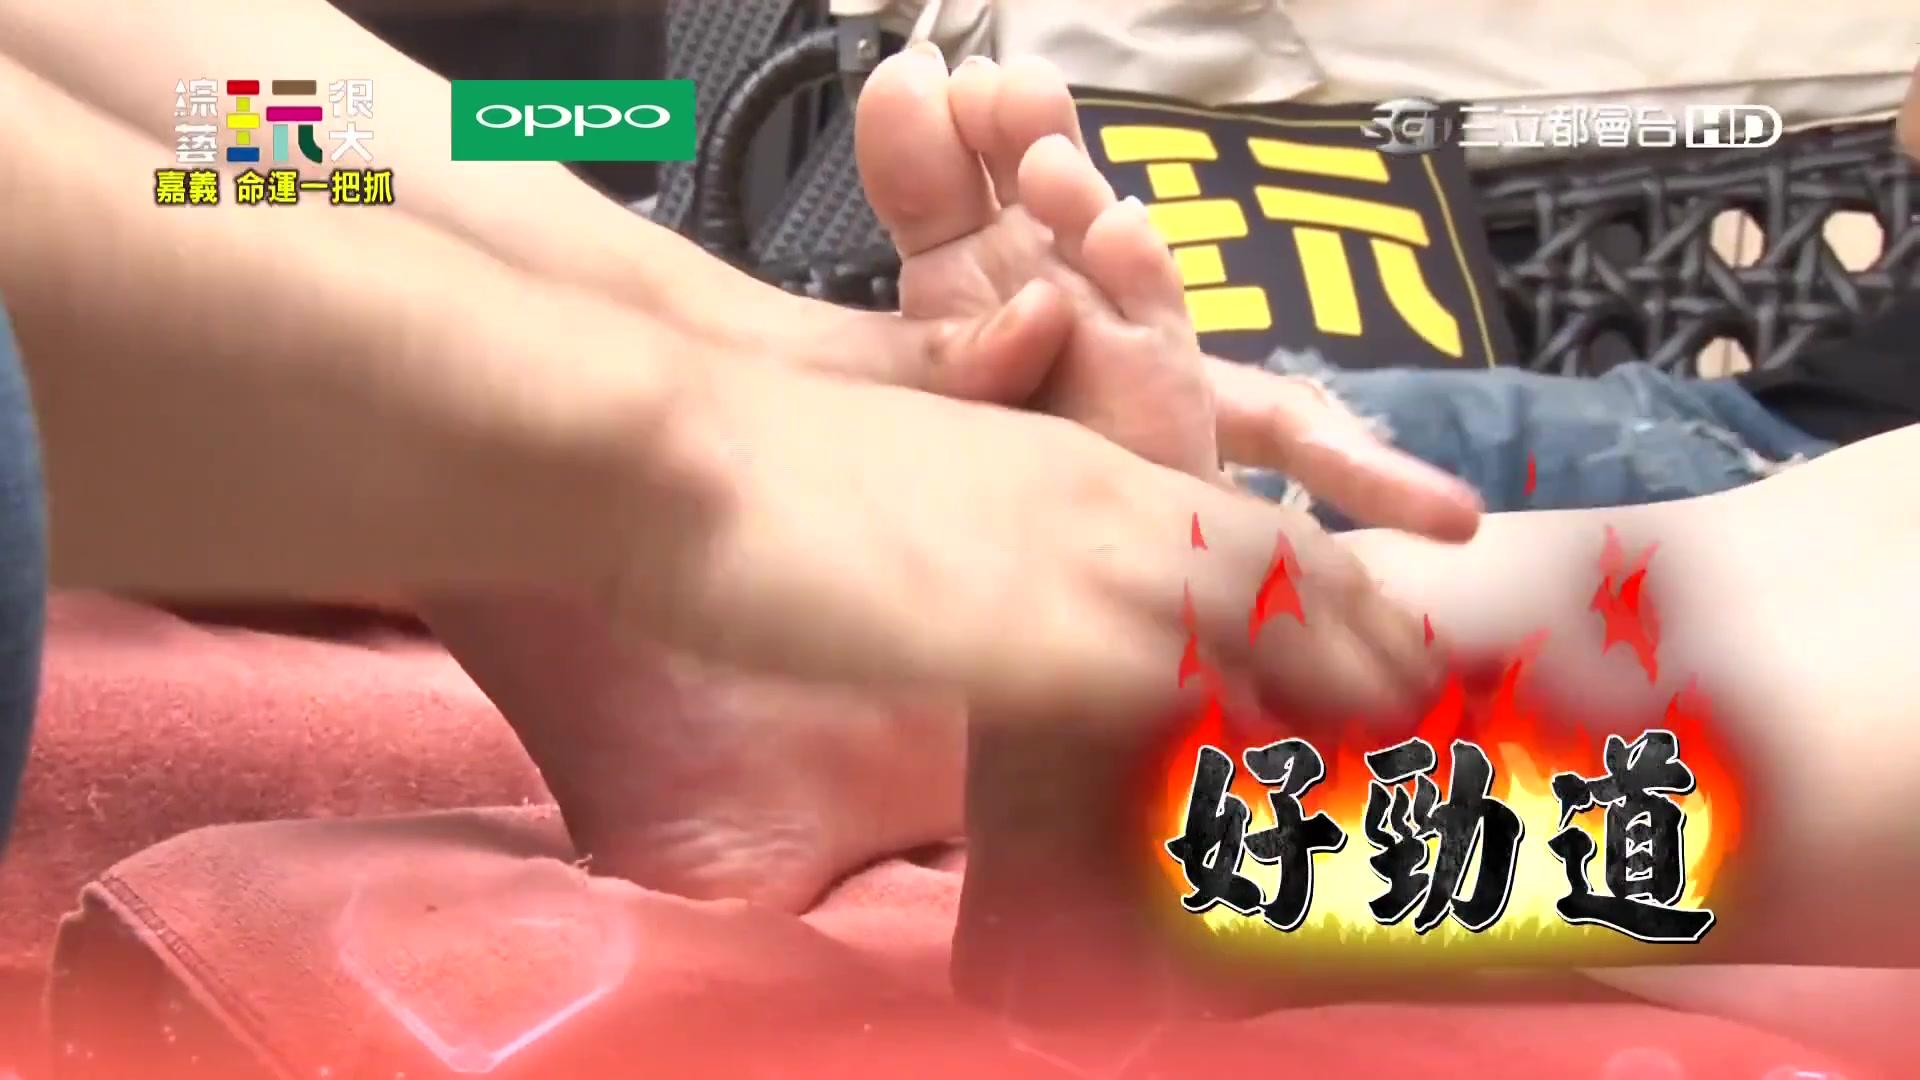 忍耐!忍耐!【Twinko挑戰足療KTV!!】綜藝玩很大